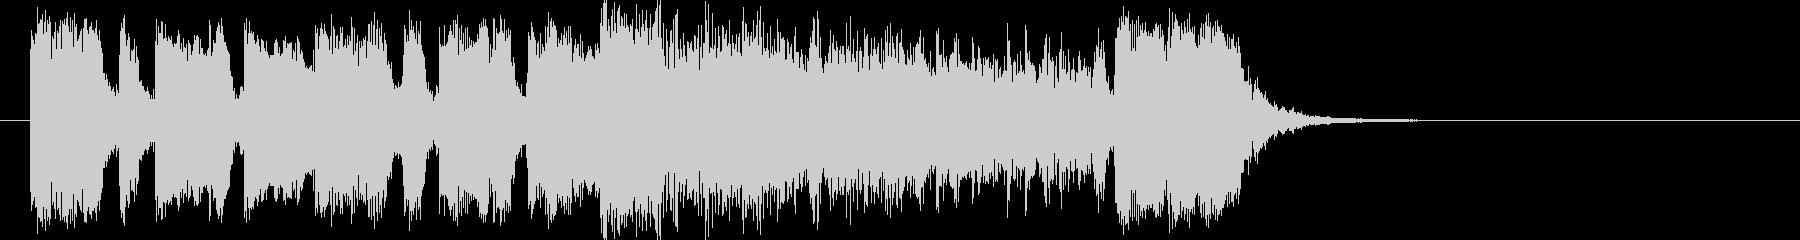 インパクトのあるファンクジングルの未再生の波形